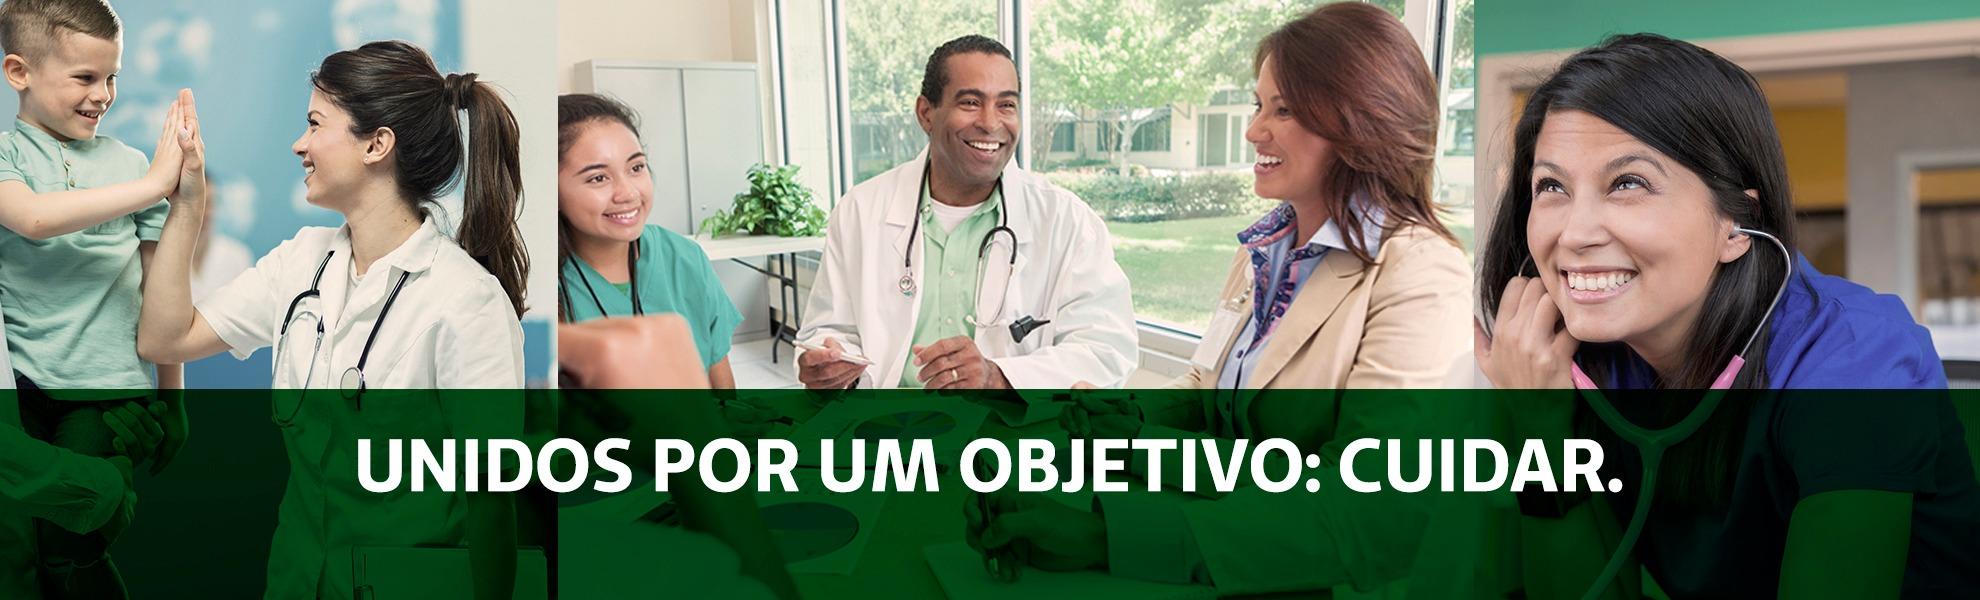 Enfermeiro(a) - Urgência e Emergência - NOVO HOSPITAL GERAL UNIMED - BANCO DE TALENTOS